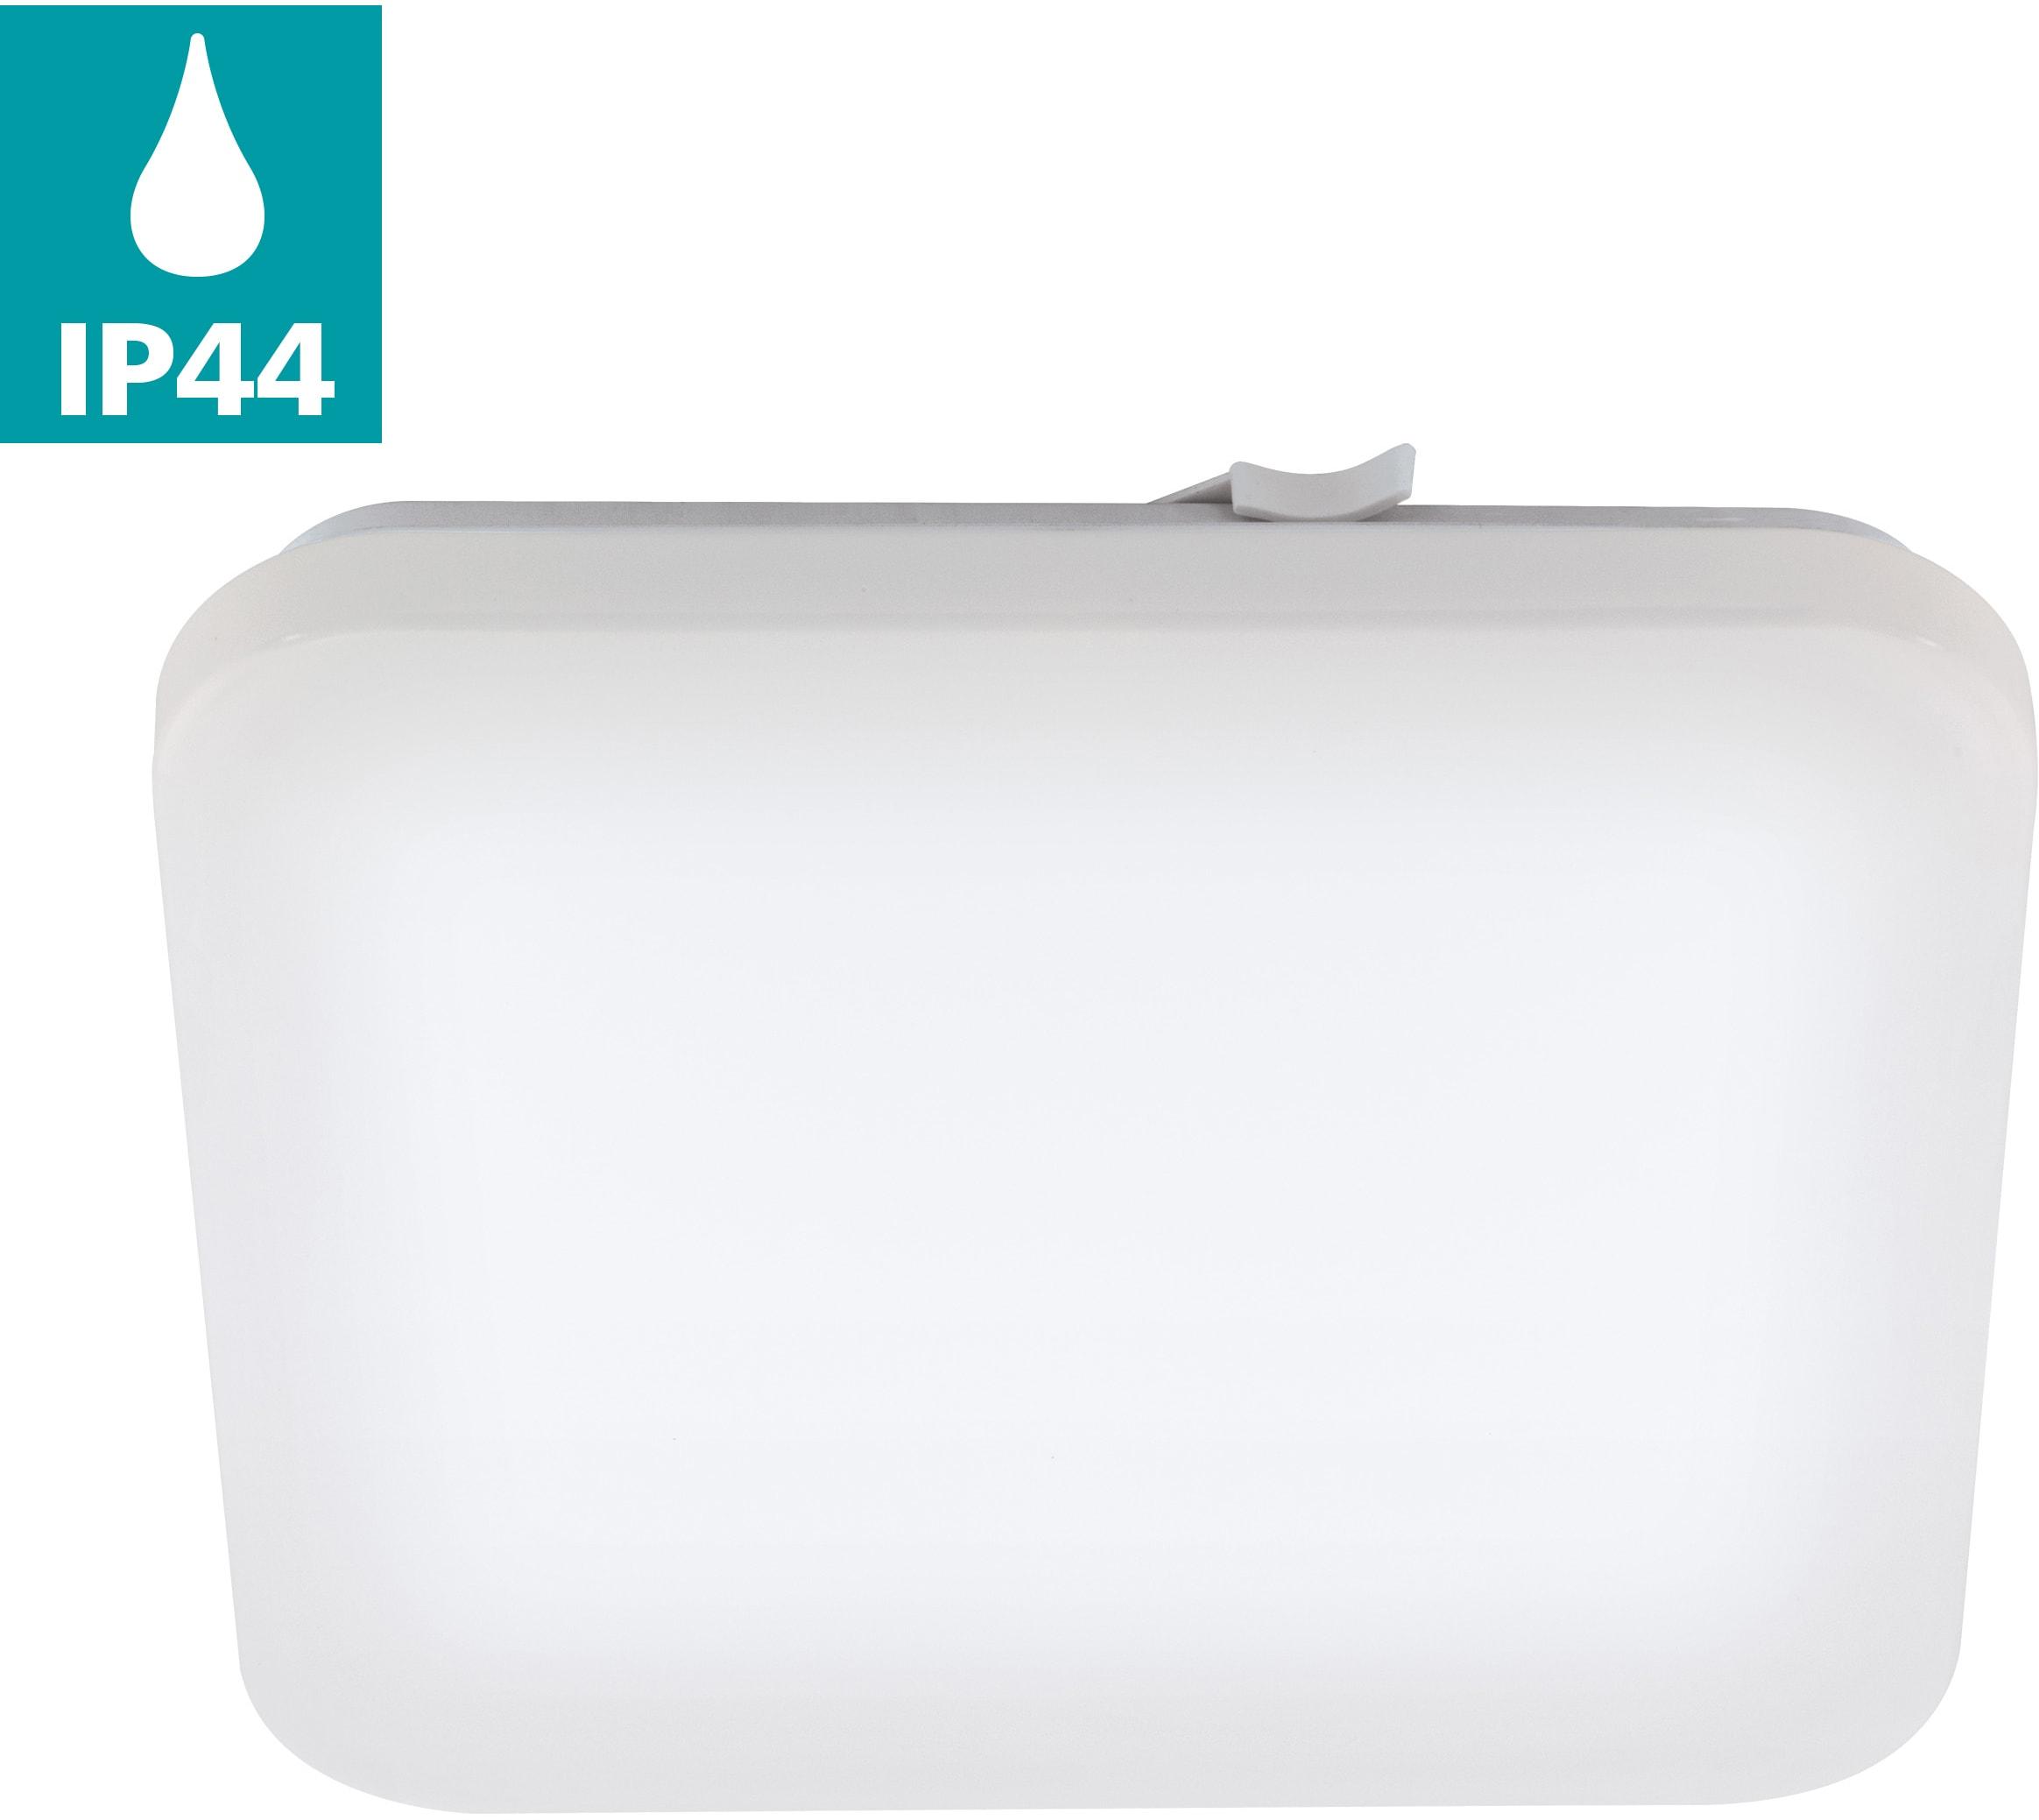 EGLO LED Deckenleuchte FRANIA, LED-Board, Warmweiß, Badleuchte, spritzwassergeschützt